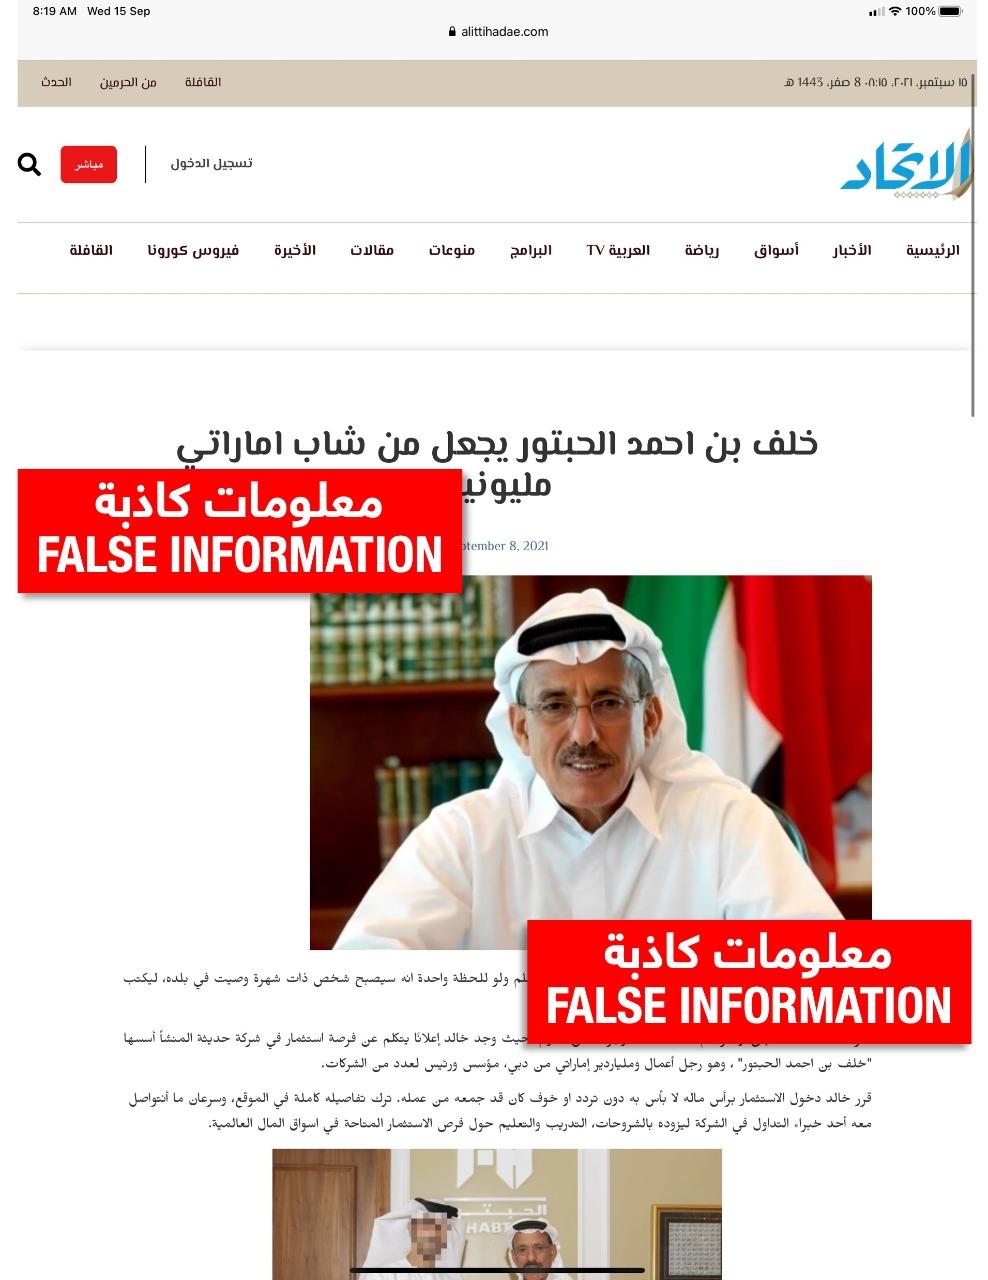 الموقع الإلكتروني المزيف نشر أخباراً كاذبة عن المجموعة في 8 سبتمبر الجاري. من المصدر